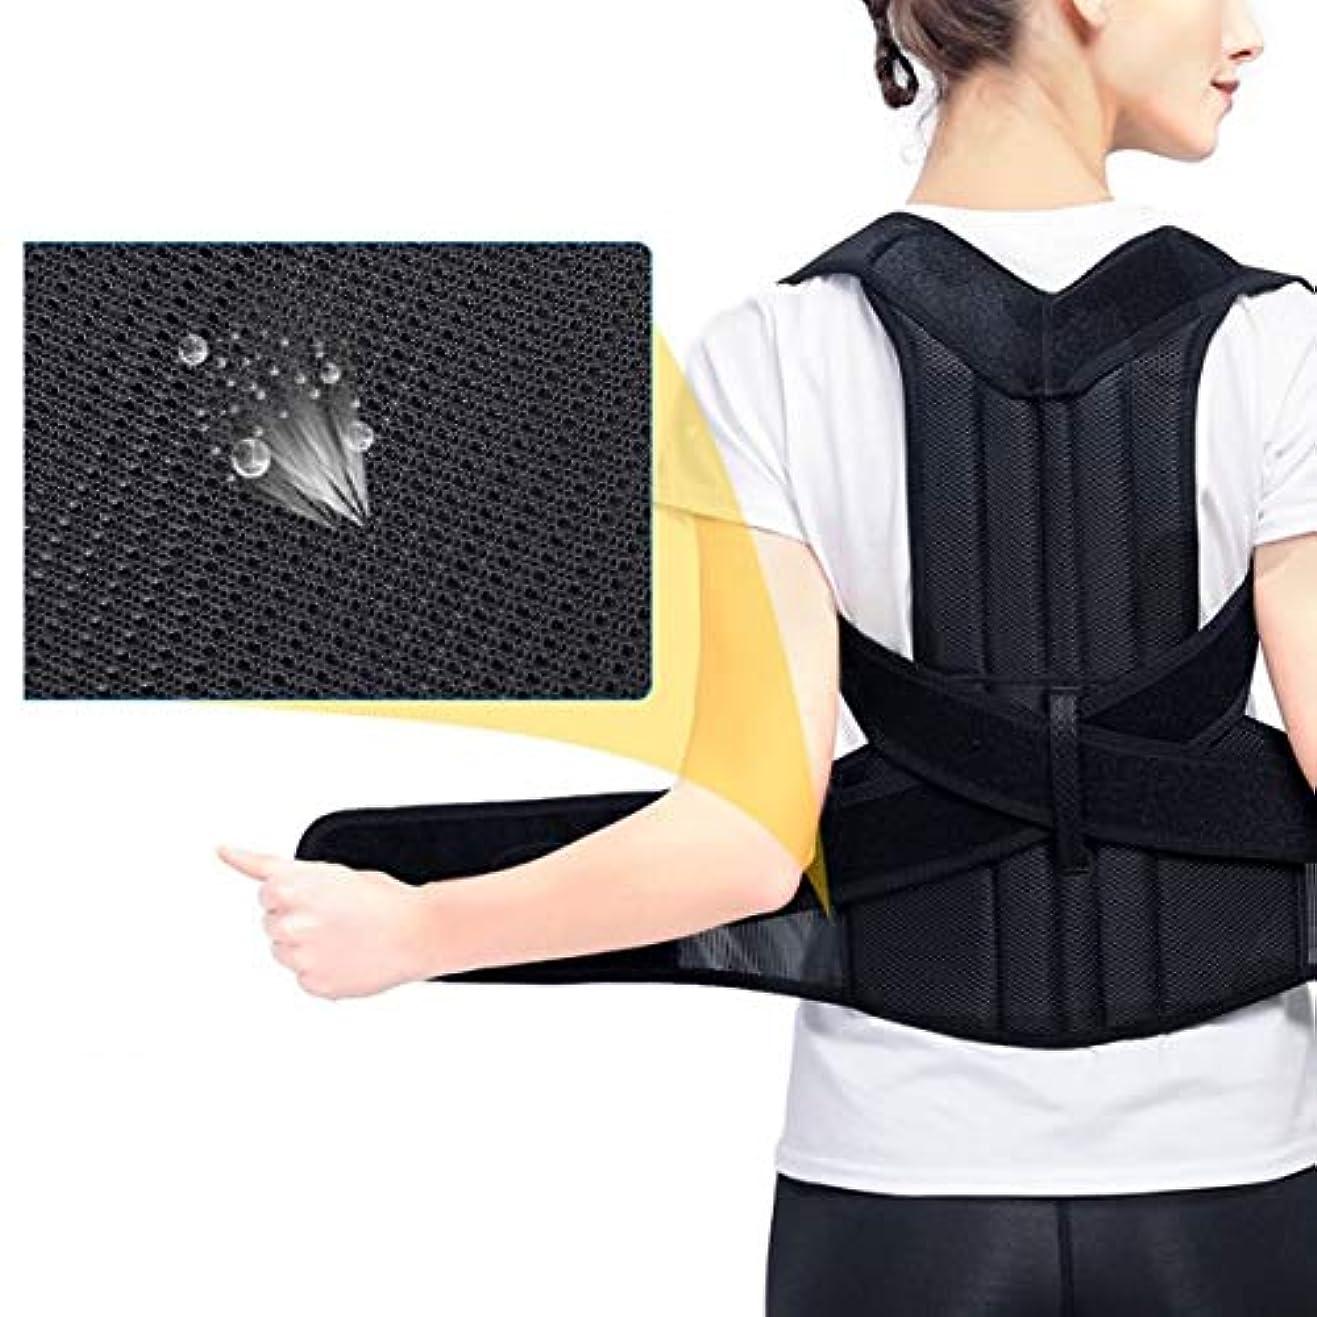 ハーフ振りかける暴力腰椎矯正バックブレース背骨装具側弯症腰椎サポート脊椎湾曲装具固定用姿勢 - 黒